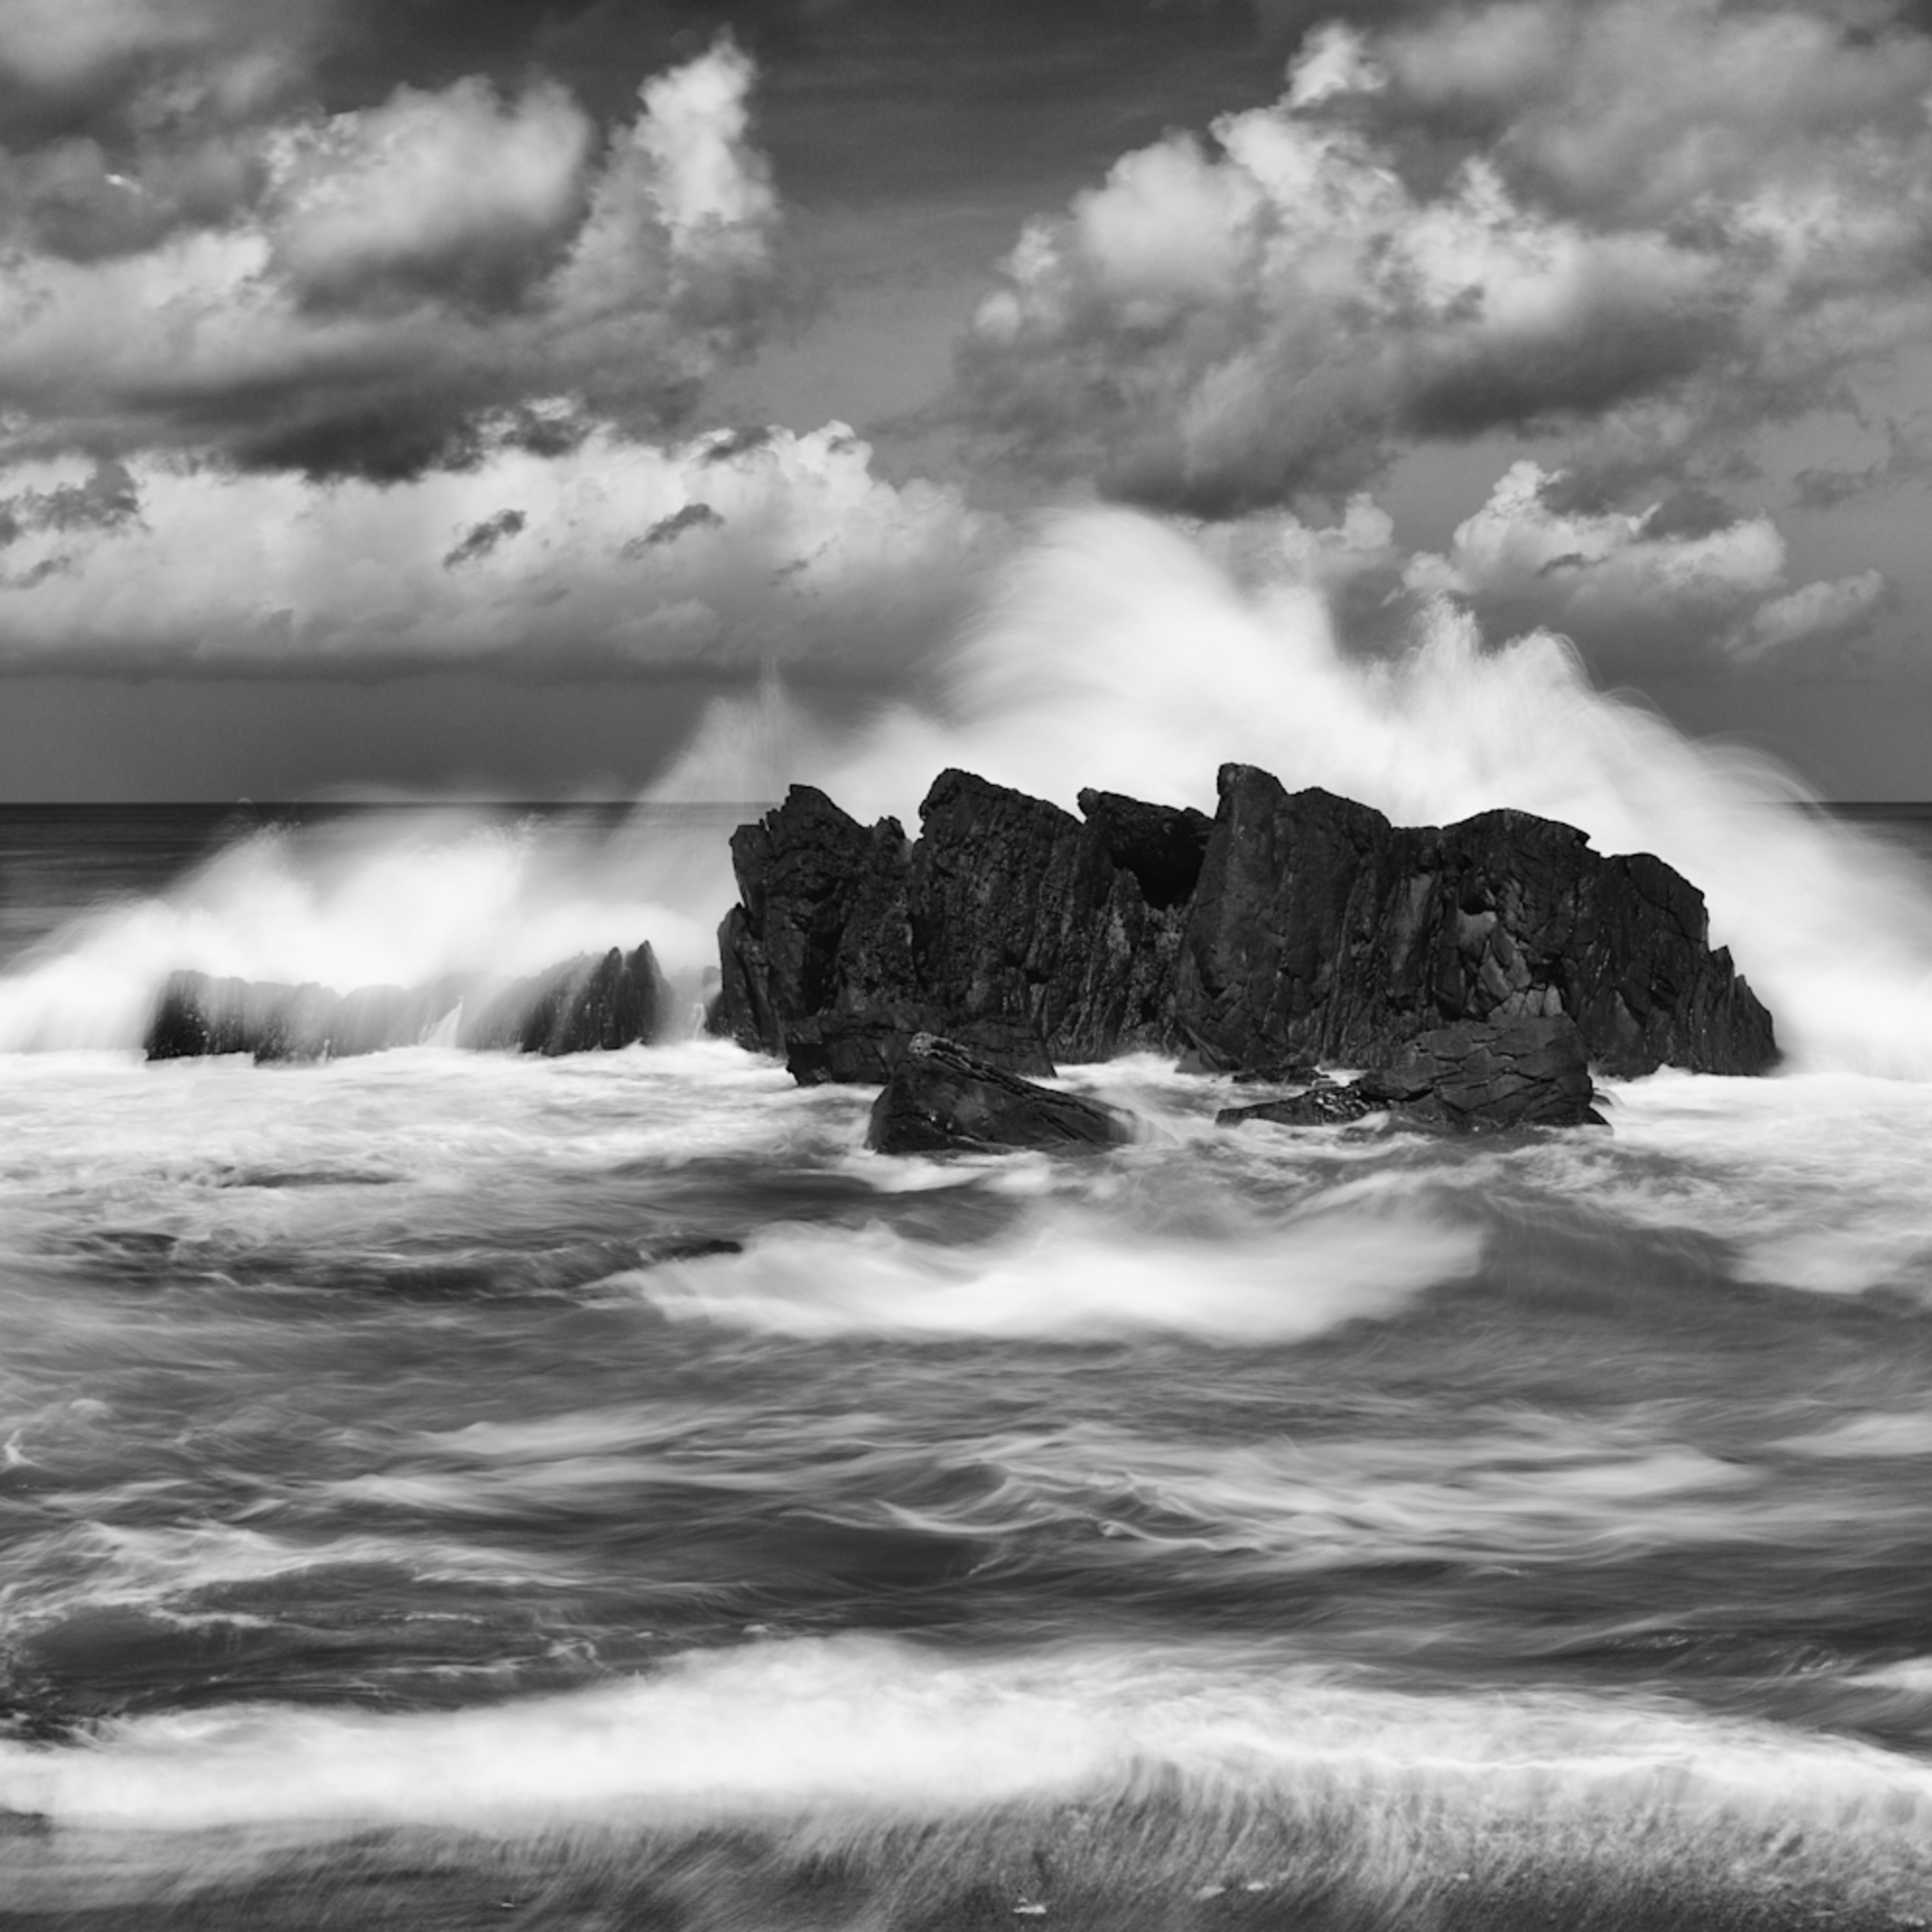 Mbp okinawa 20120808 9568 tscinp